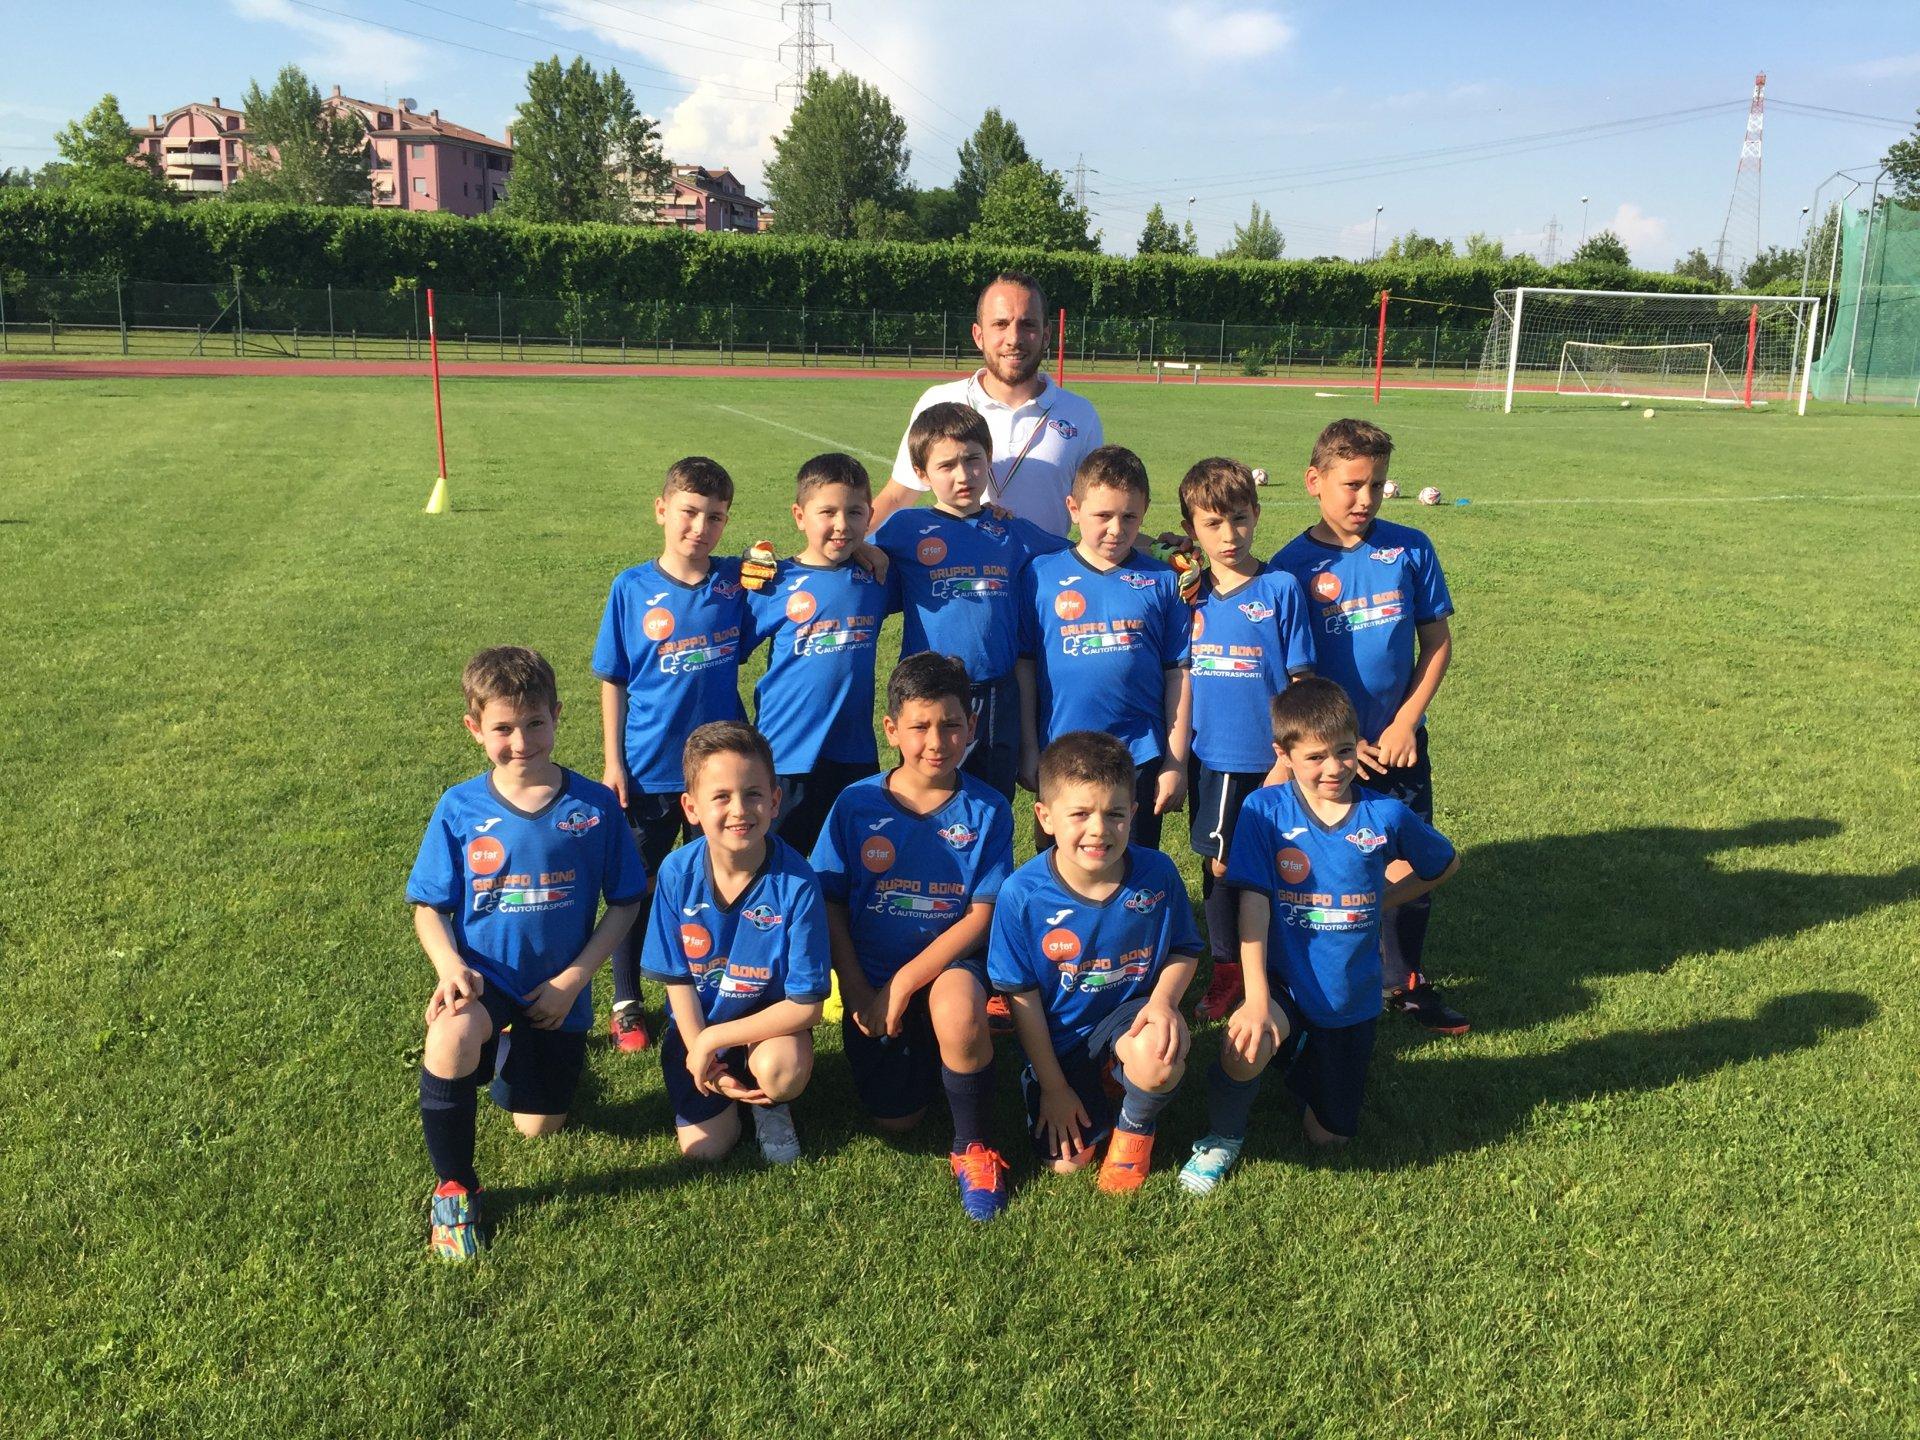 Fai gol con la solidarietà centro sportivo Brugherio vecchi campioni in campo contro Asd all soccer